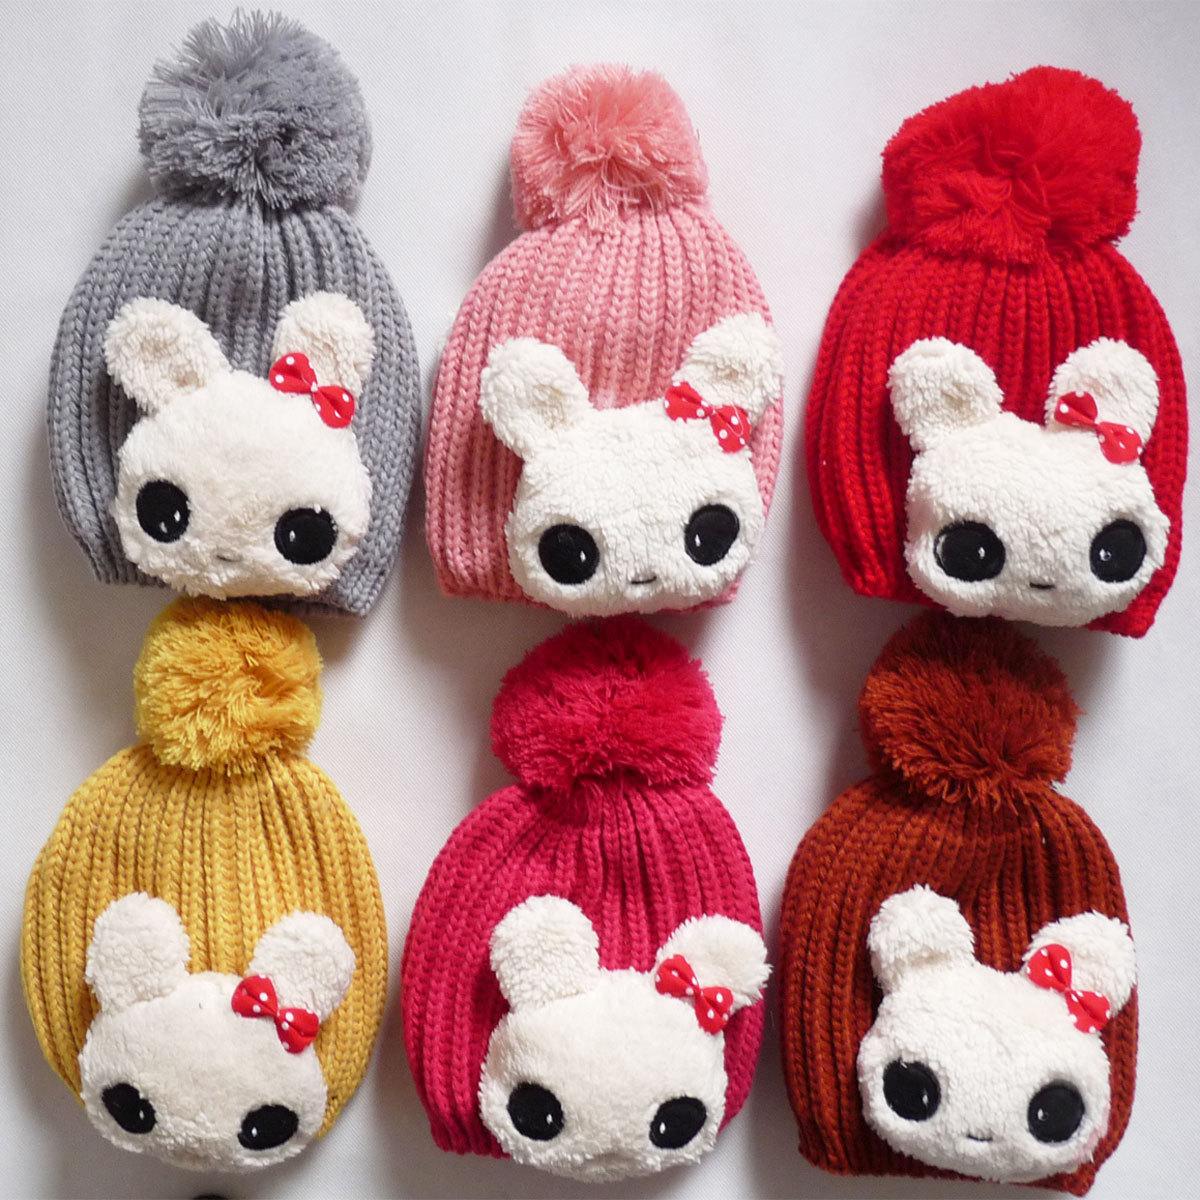 小兔子护耳帽_婴儿小兔子护耳帽线帽宝宝帽儿童卡通大兔帽